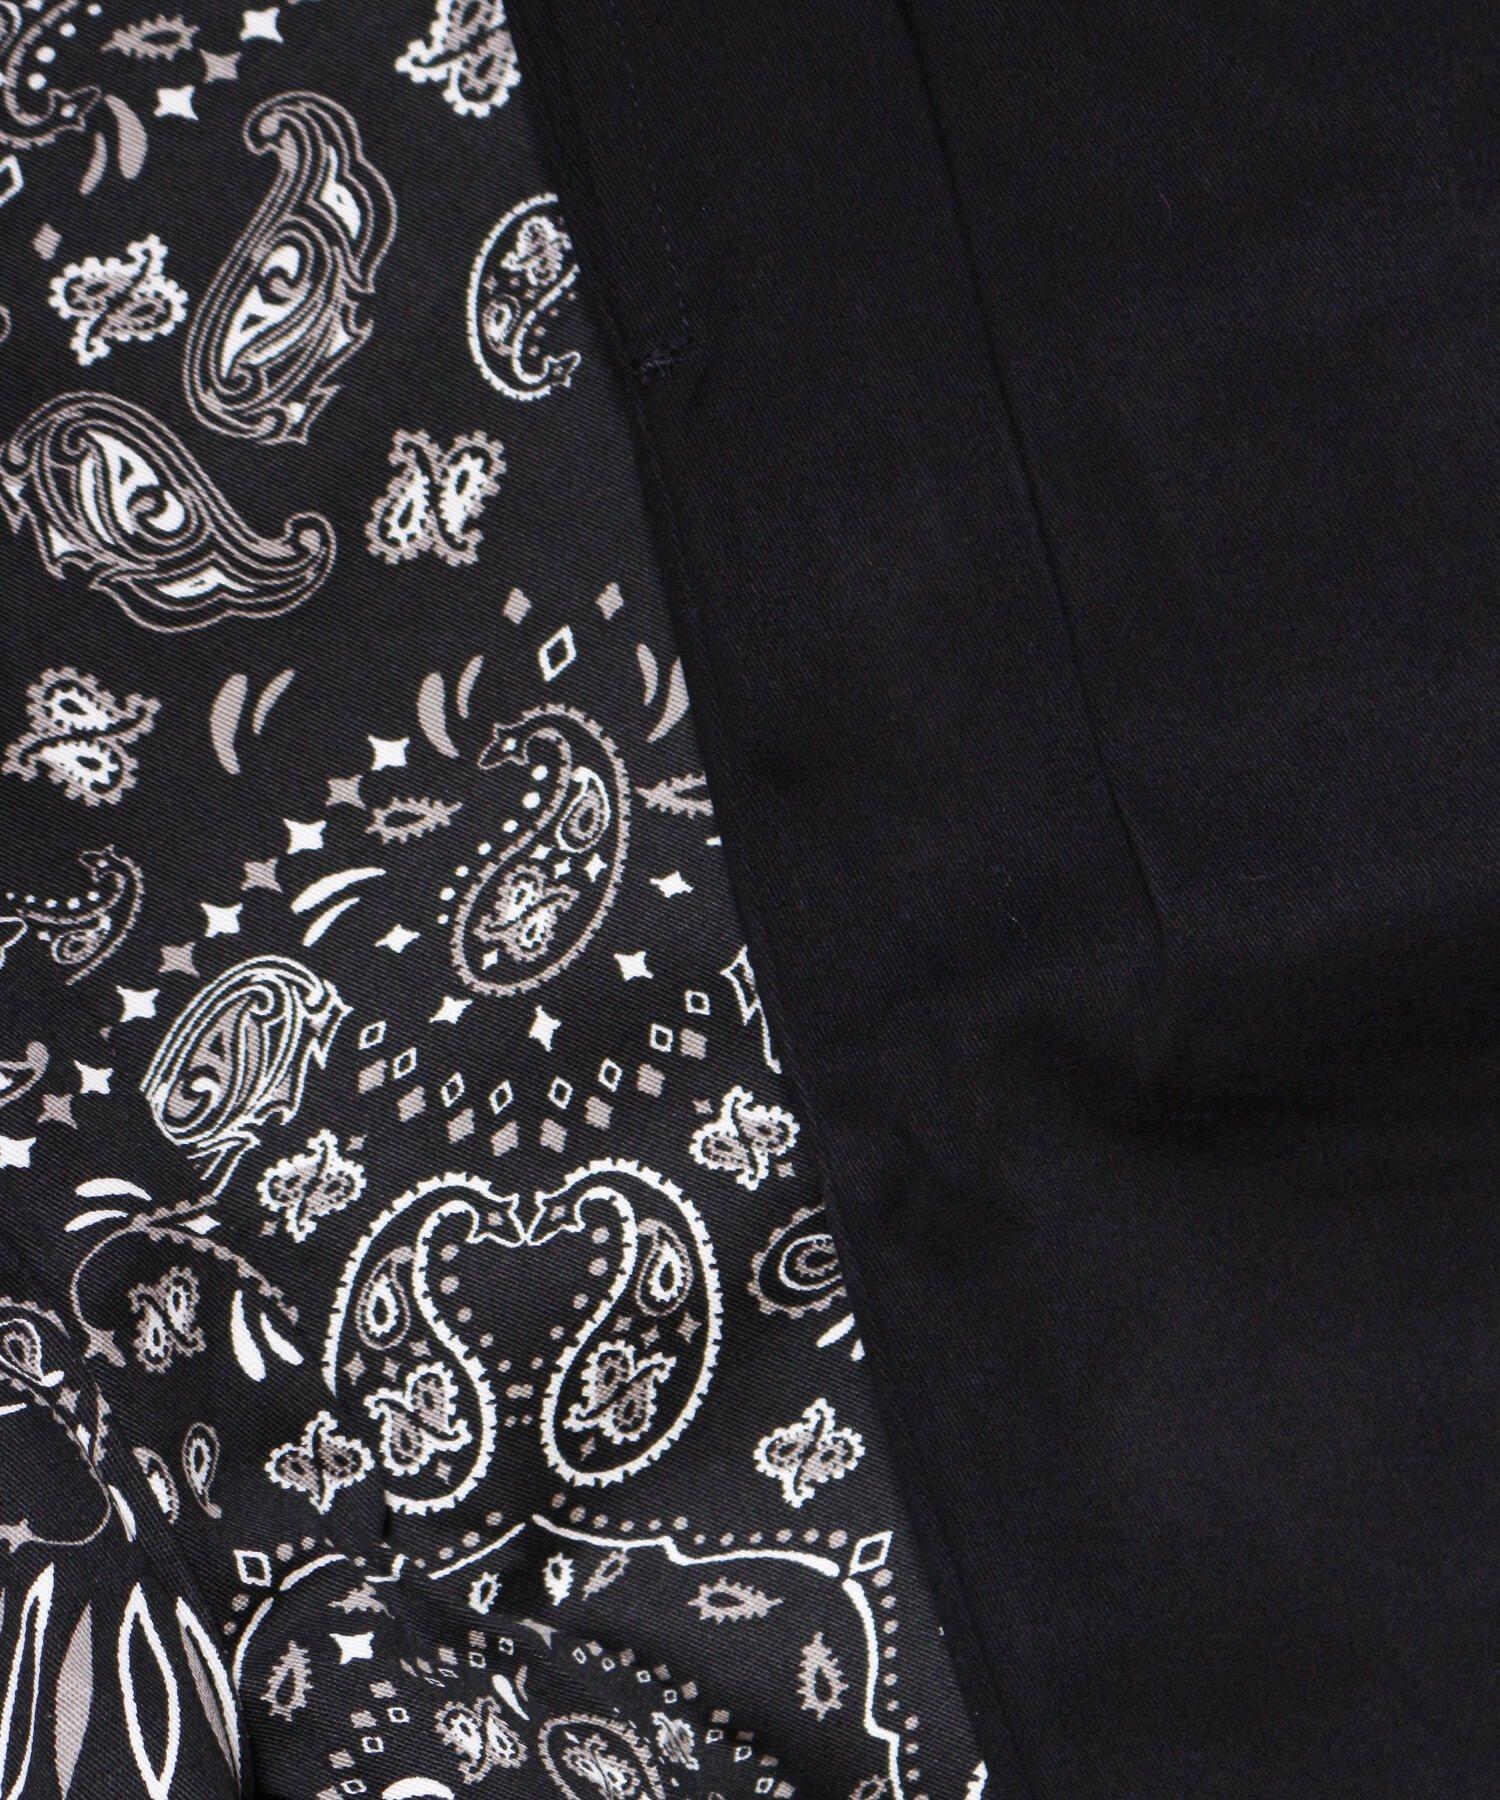 COOKMAN / クックマン   WAITER'S PANTS (PAISLEY BLACK):ウェイターズパンツ 商品画像10